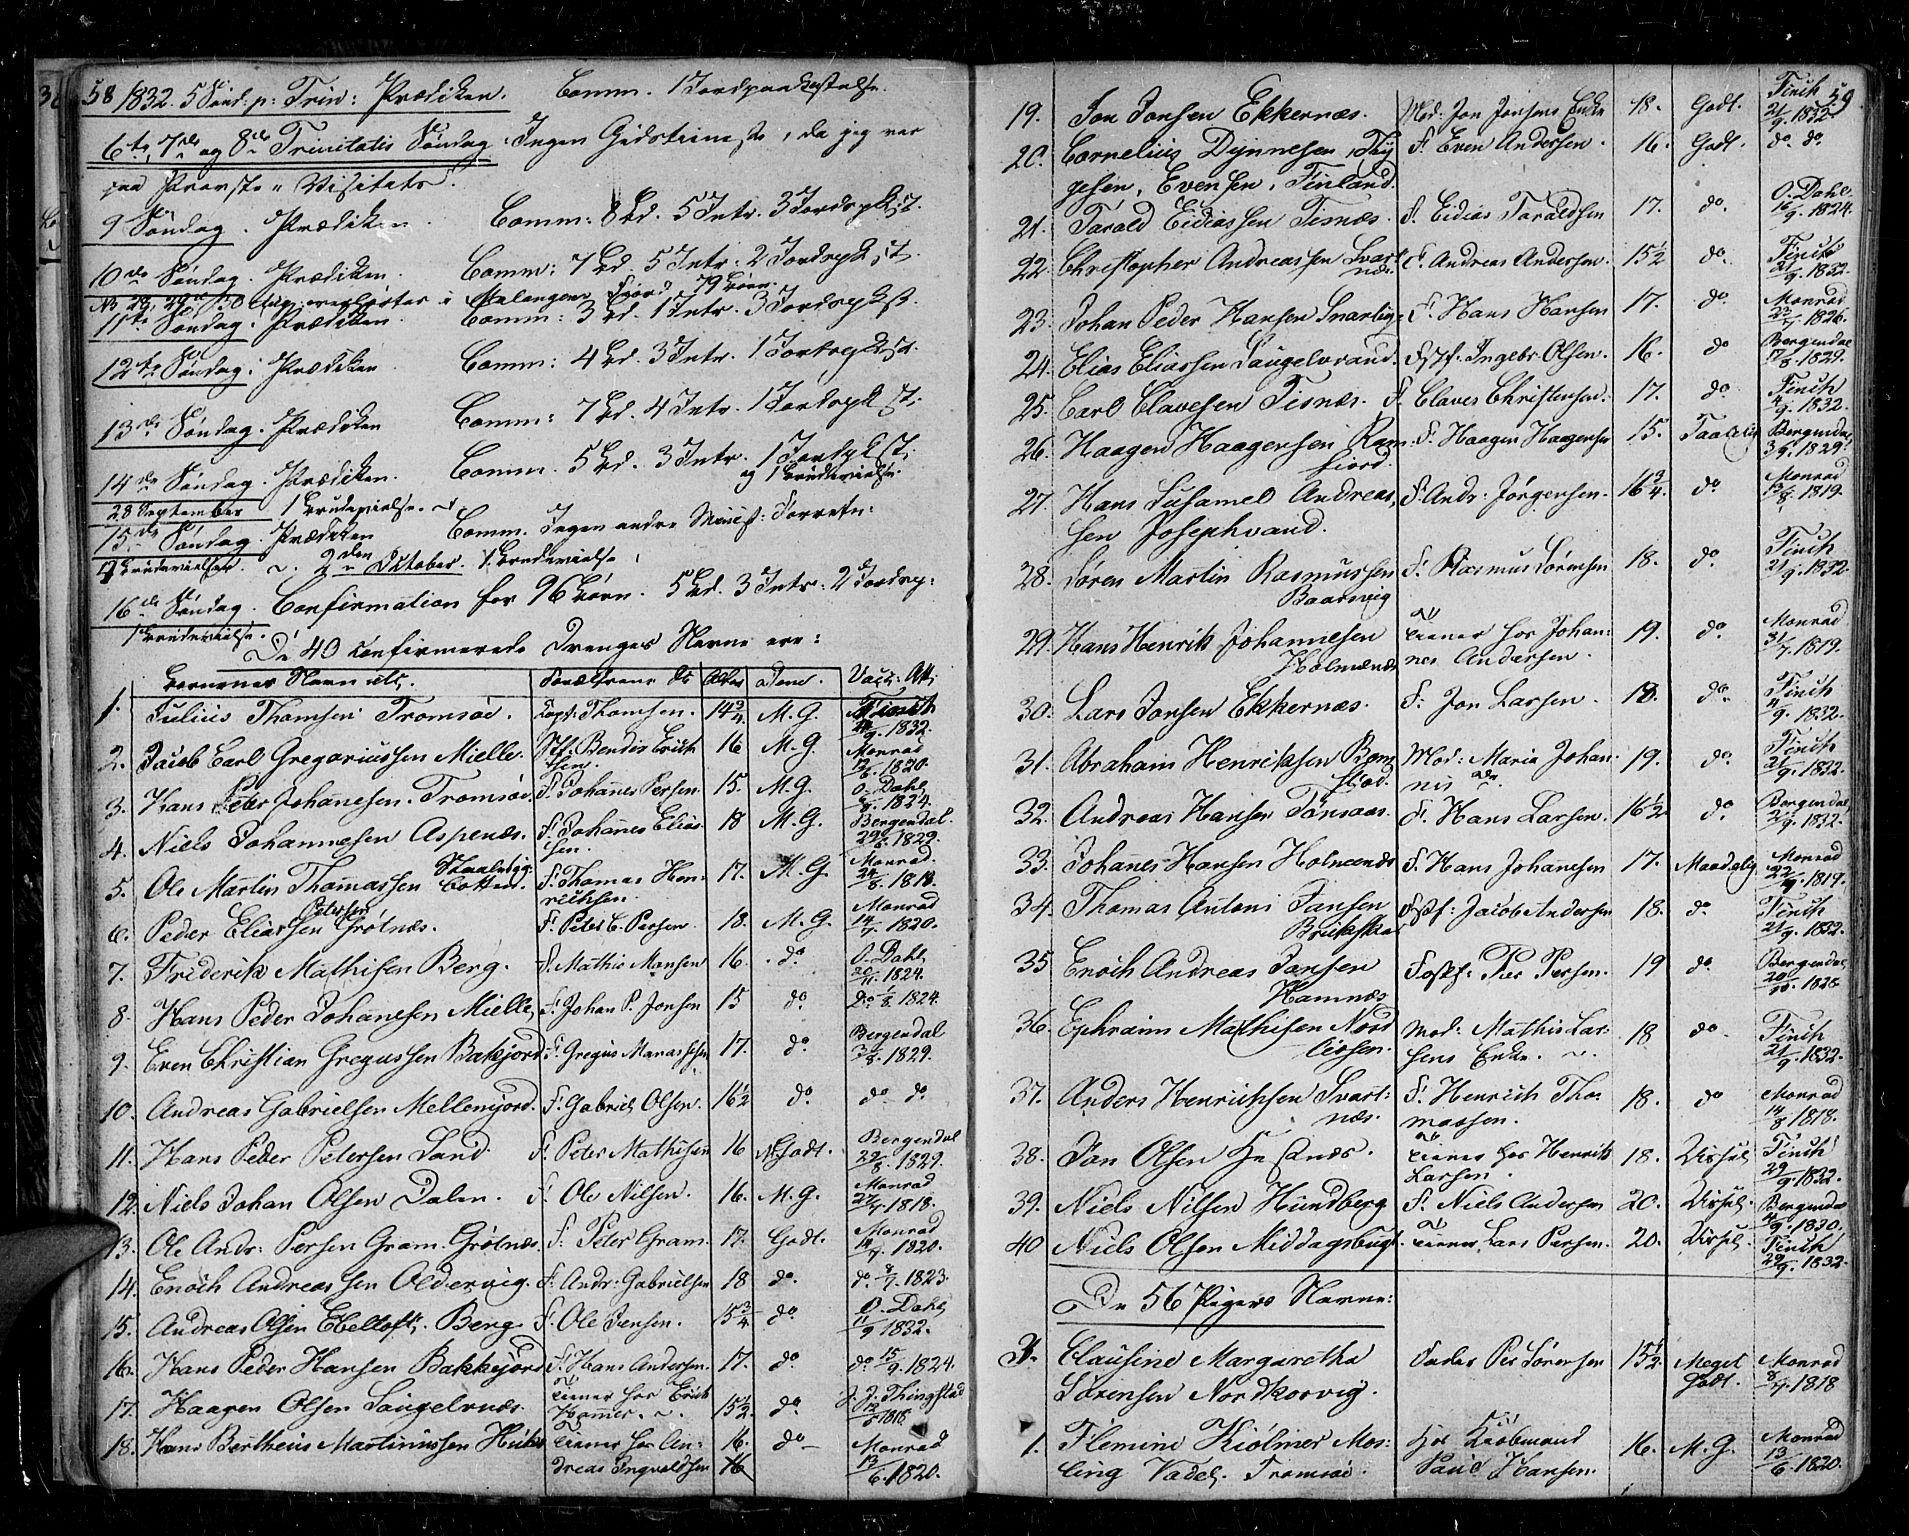 SATØ, Tromsø sokneprestkontor/stiftsprosti/domprosti, G/Ga/L0008kirke: Ministerialbok nr. 8, 1829-1837, s. 58-59